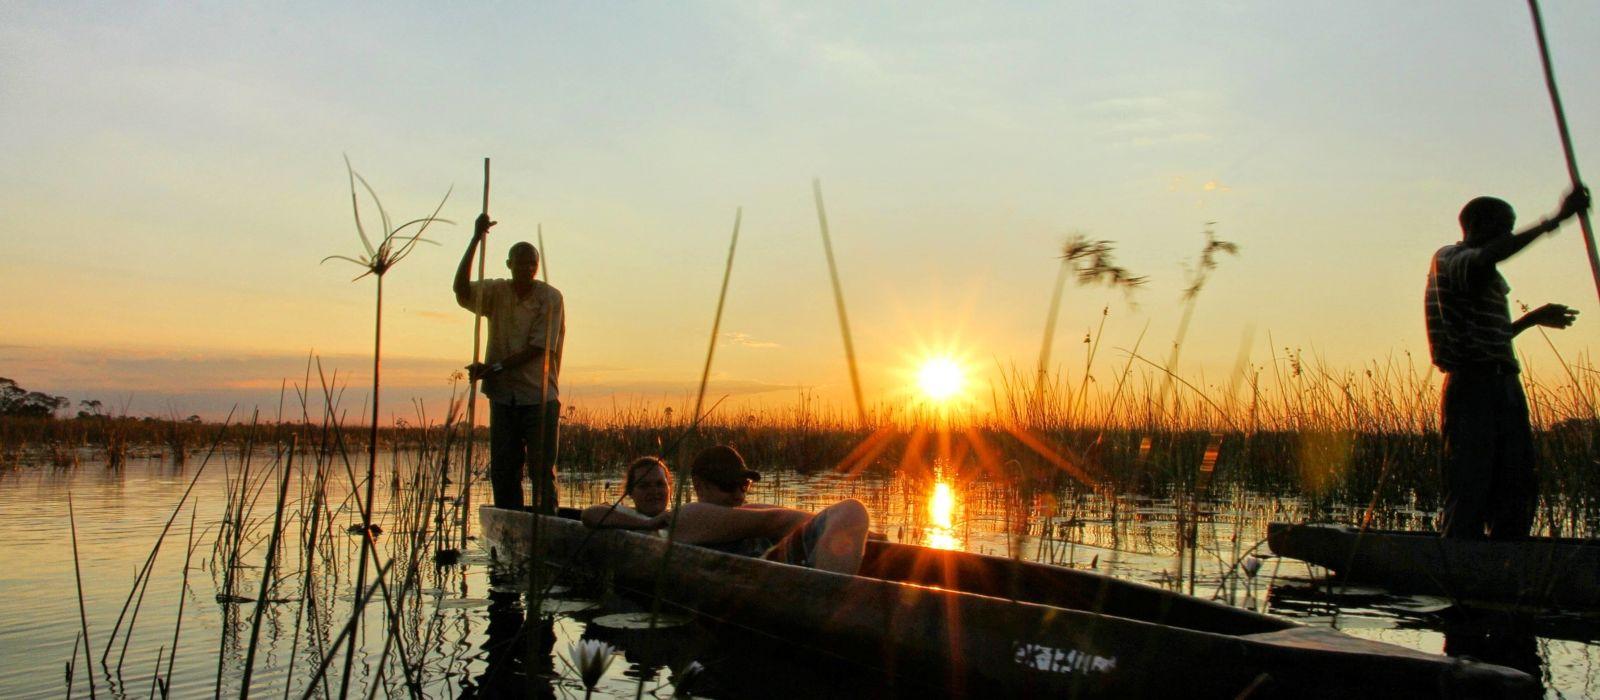 Naturreise in Simbabwe & Botswana: Wasserfälle & Wasserwege Urlaub 5